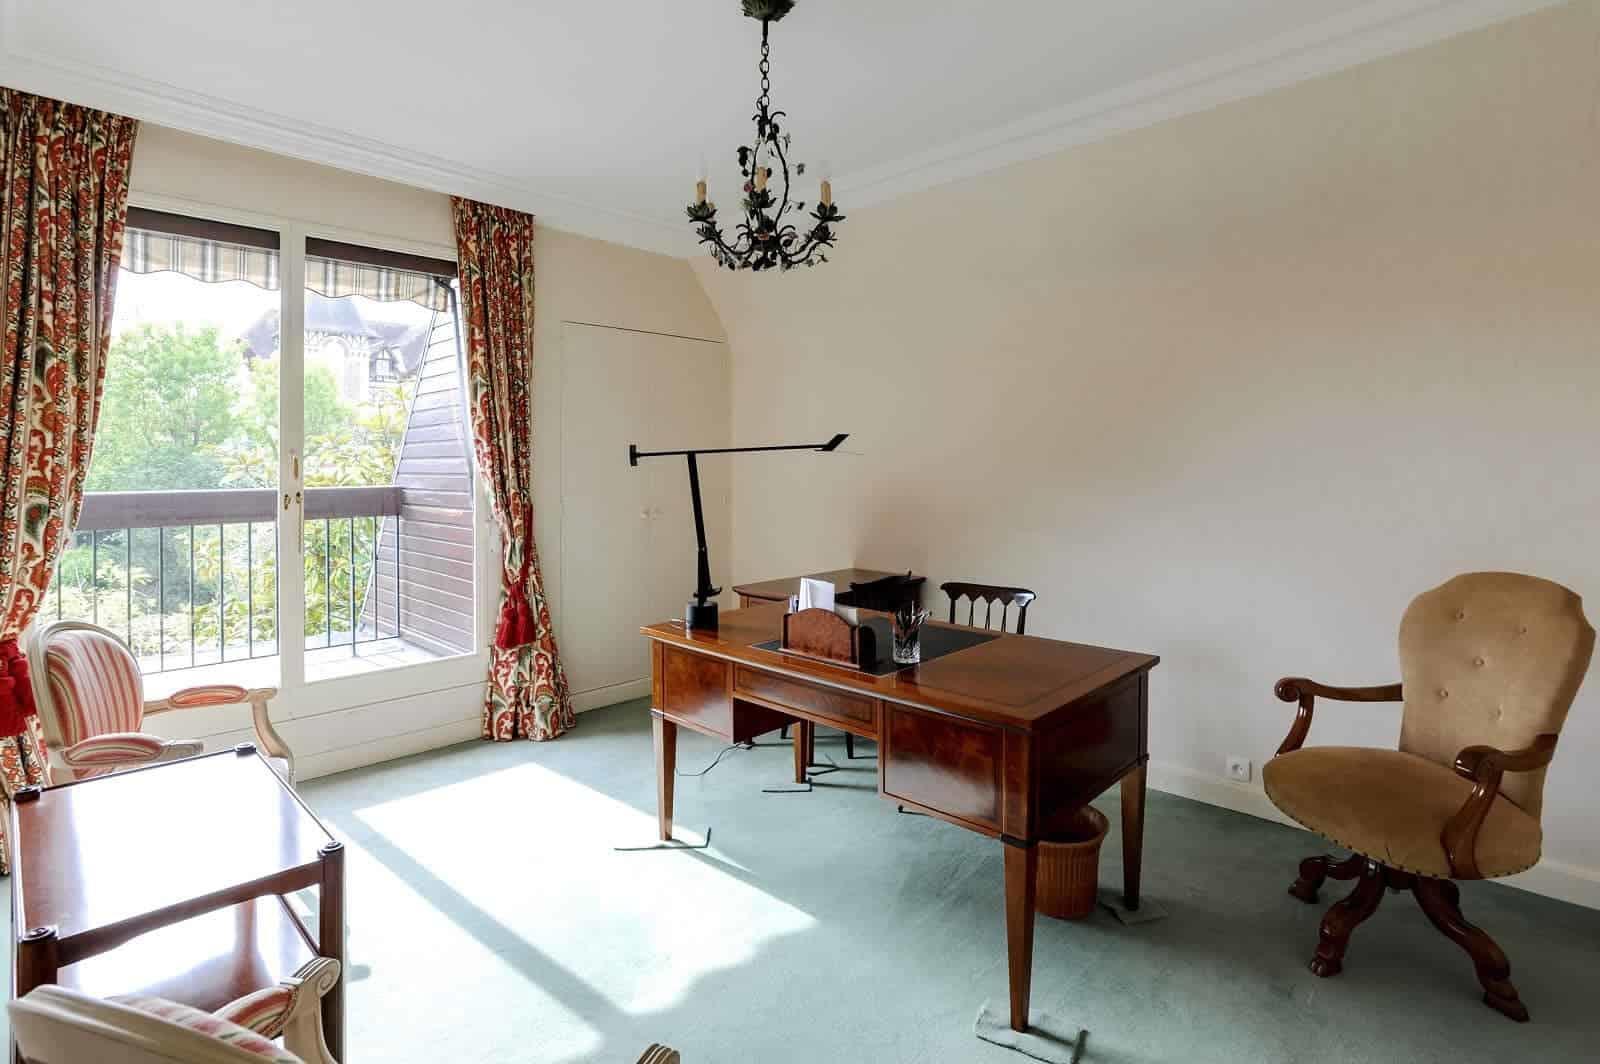 villa-contemporaine-a-vendre-cabourg-cheminee-terrasse-plein-sud-jardin